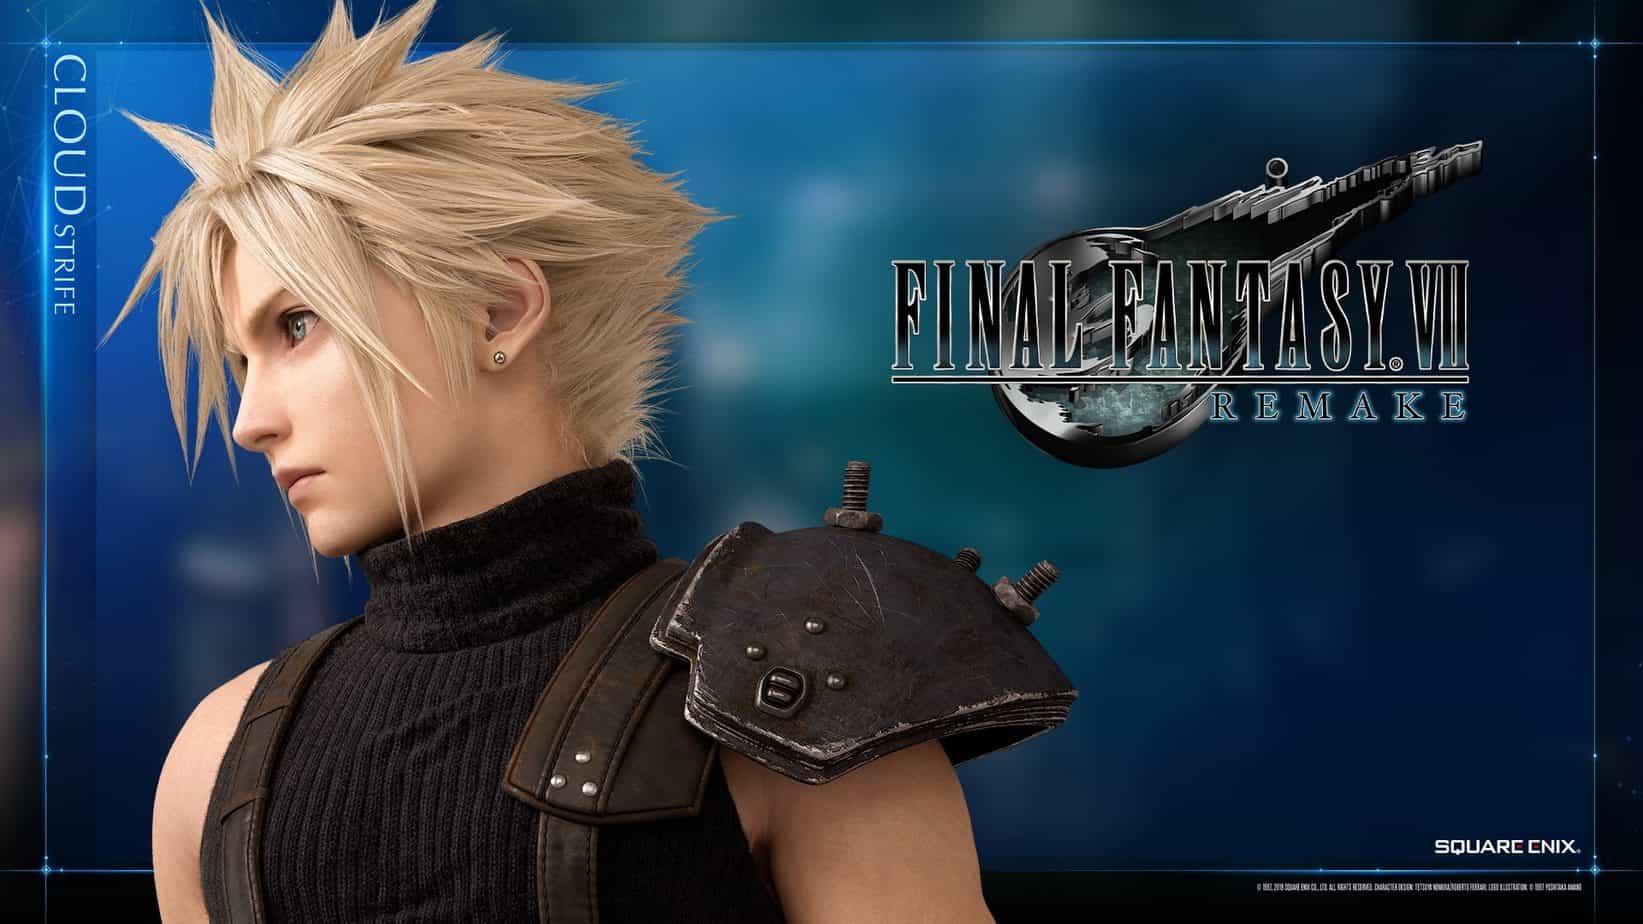 Les Final Fantasy 1 à 6 vont bénéficier d'une remasterisassions de pixels grâce à Final Fantasy Pixel Remaster